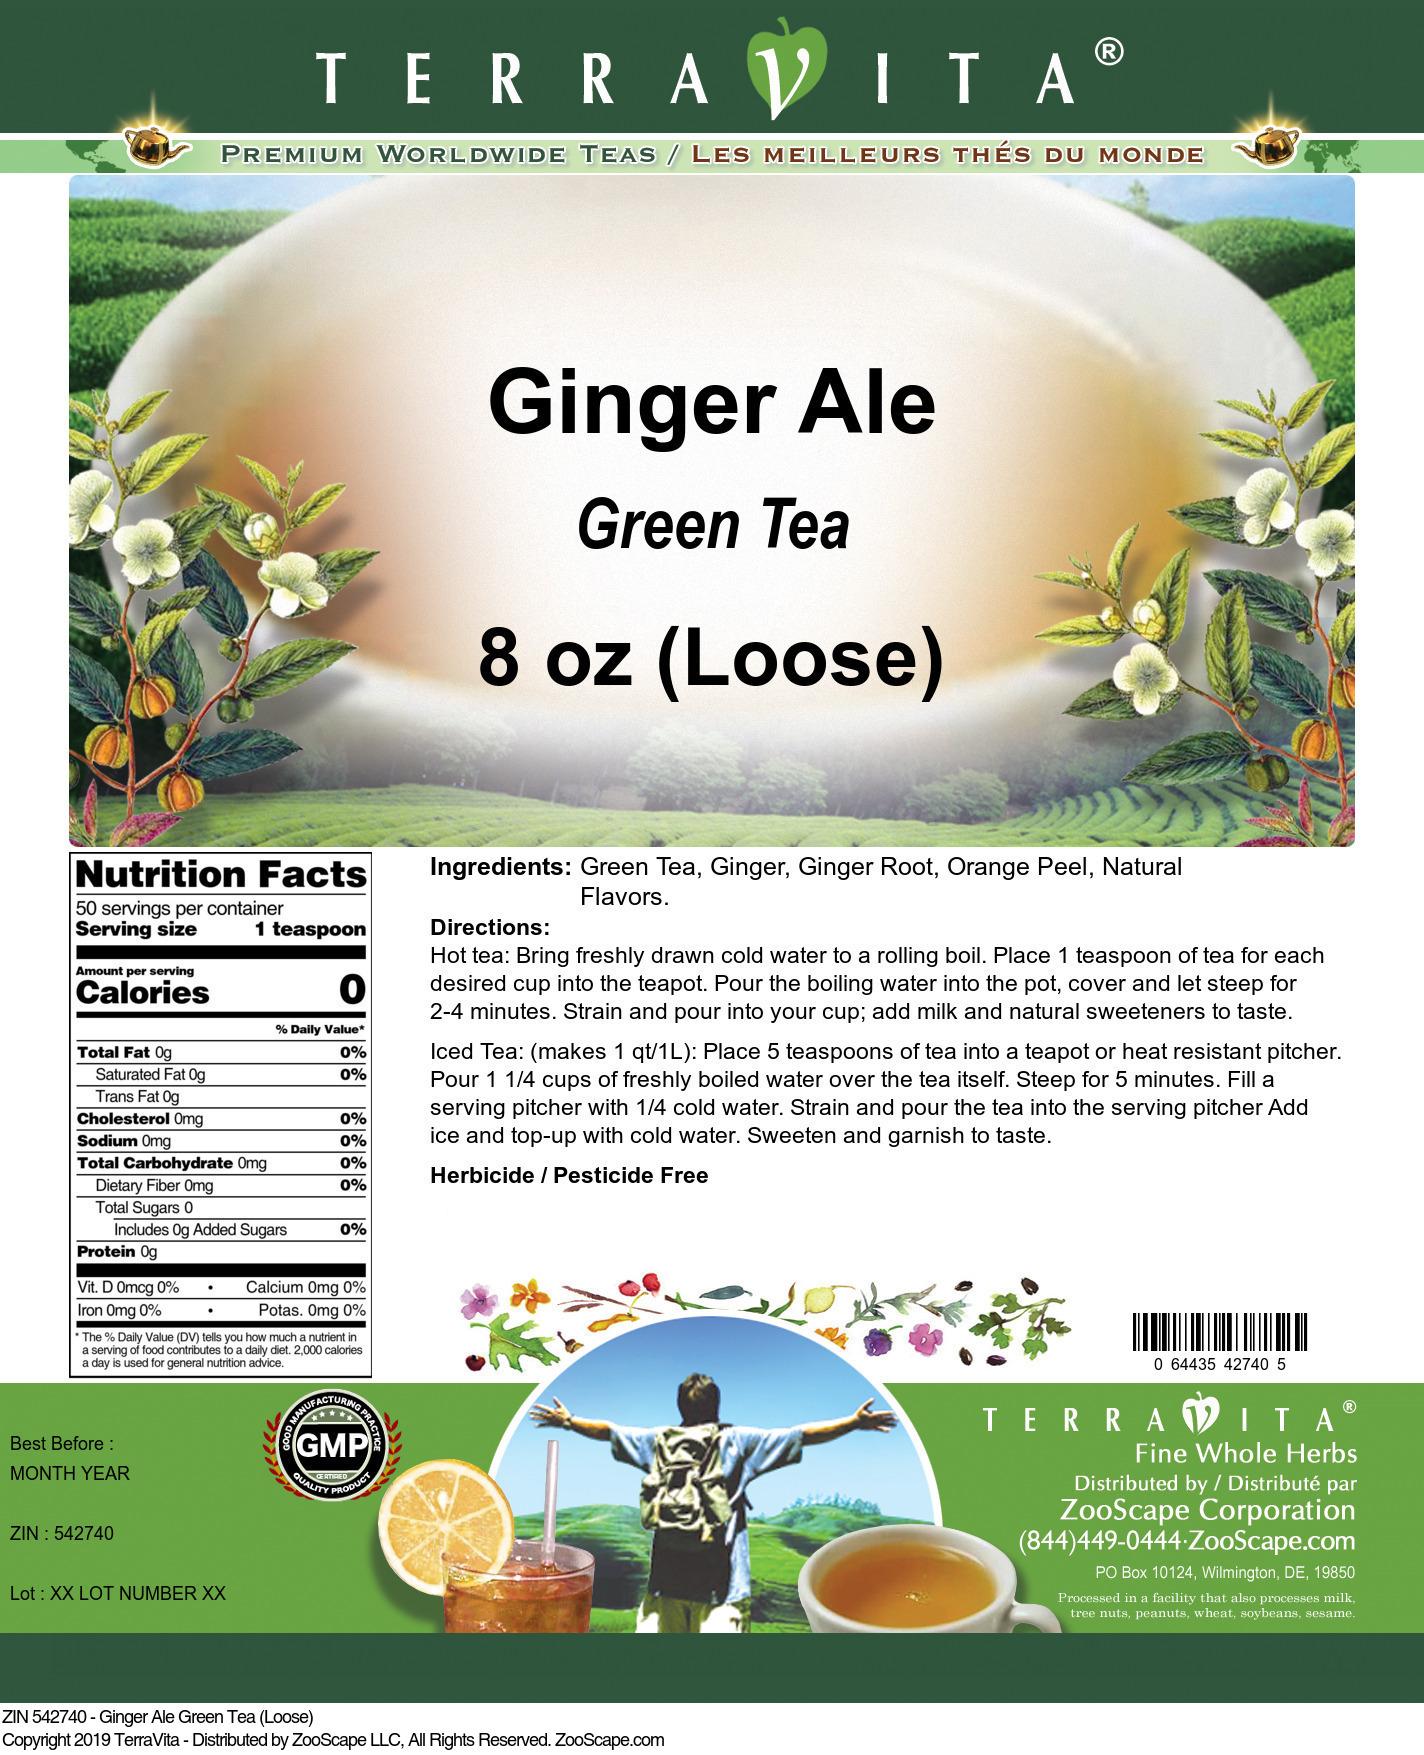 Ginger Ale Green Tea